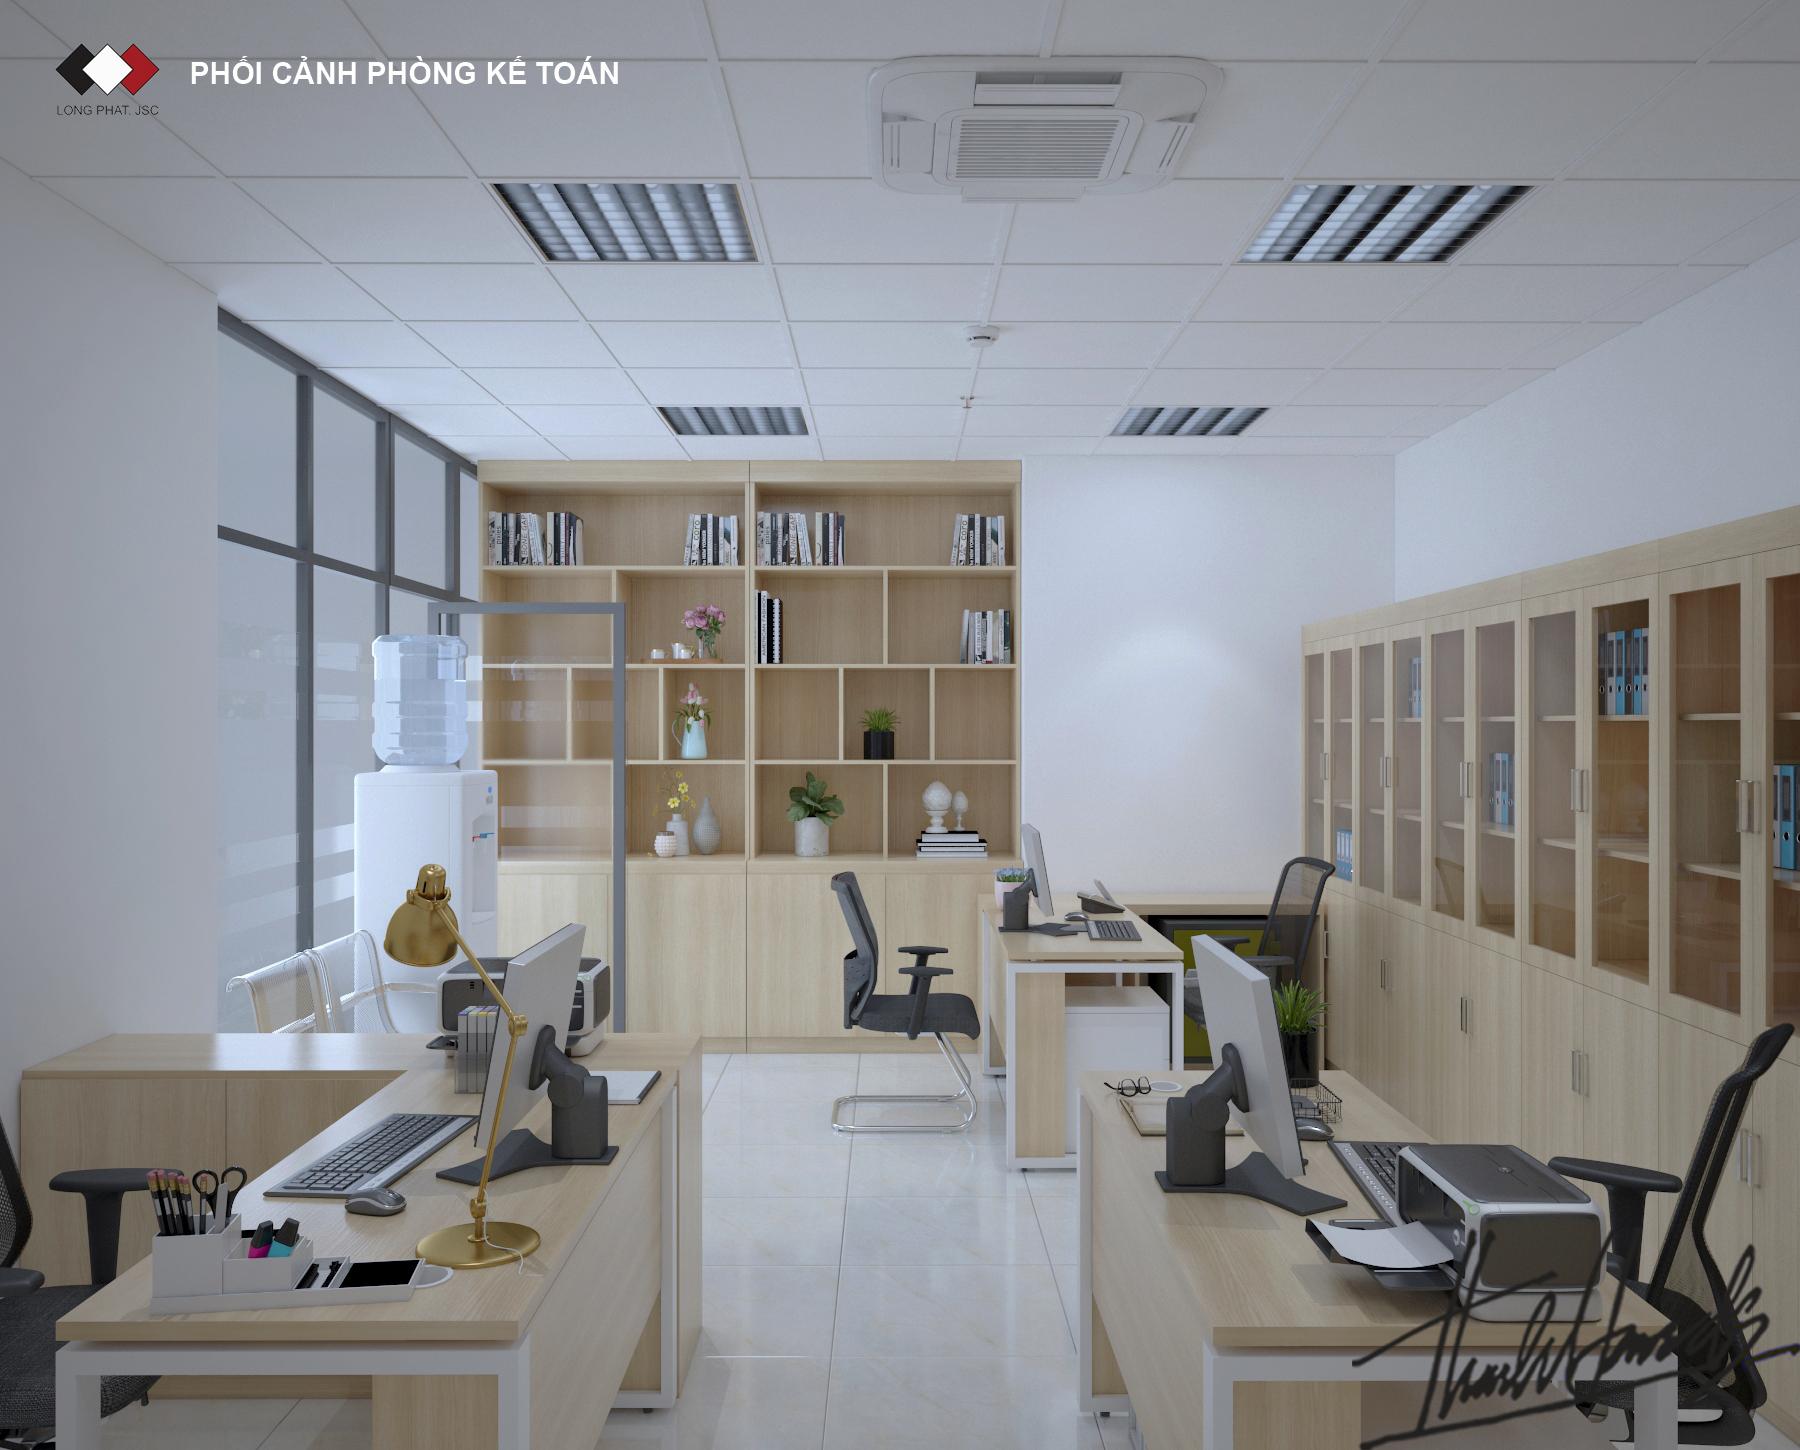 thiết kế nội thất Văn Phòng tại Hà Nội Văn phong SEIKO 15 1568274678